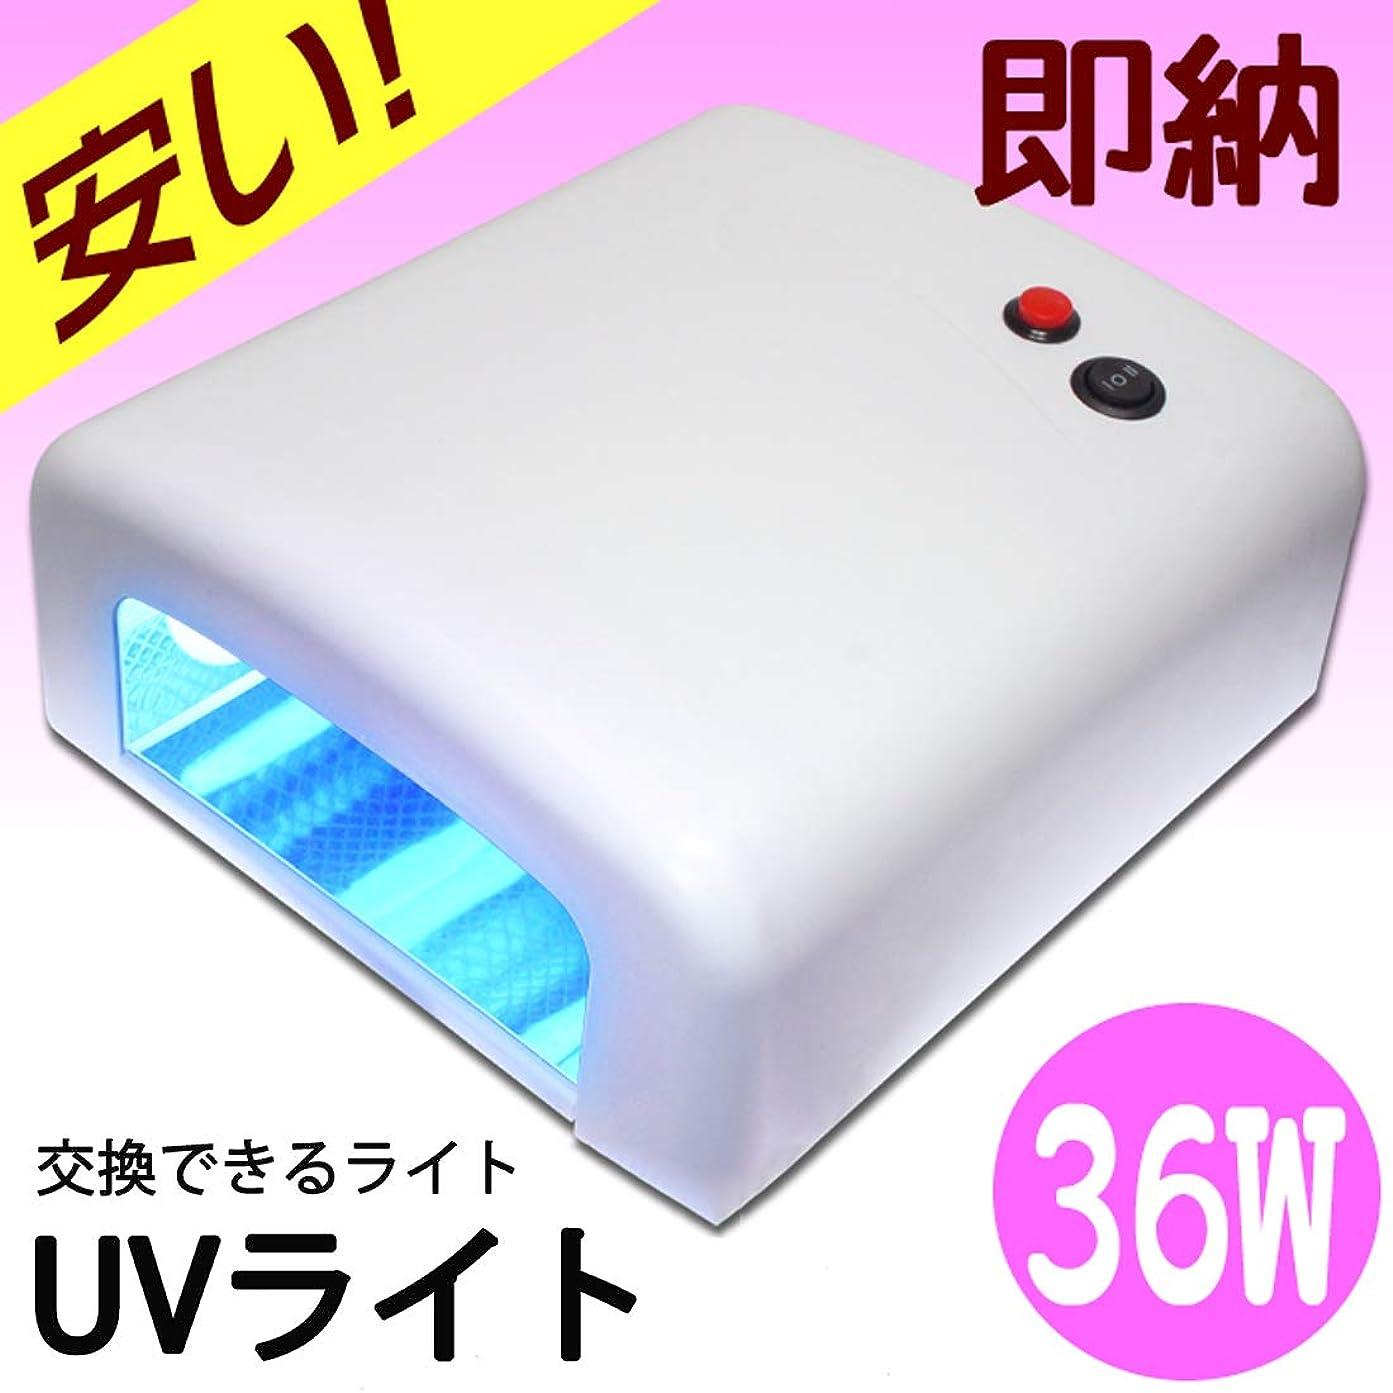 洗剤標高補正UVライト 白 ハイパワー ジェルネイル用 ホワイト 36W UVライト 単品単体 プロ仕様本体 UVランプ タイマー付き レジンクラフト用にも最適 ネイルドライヤー レジンライト